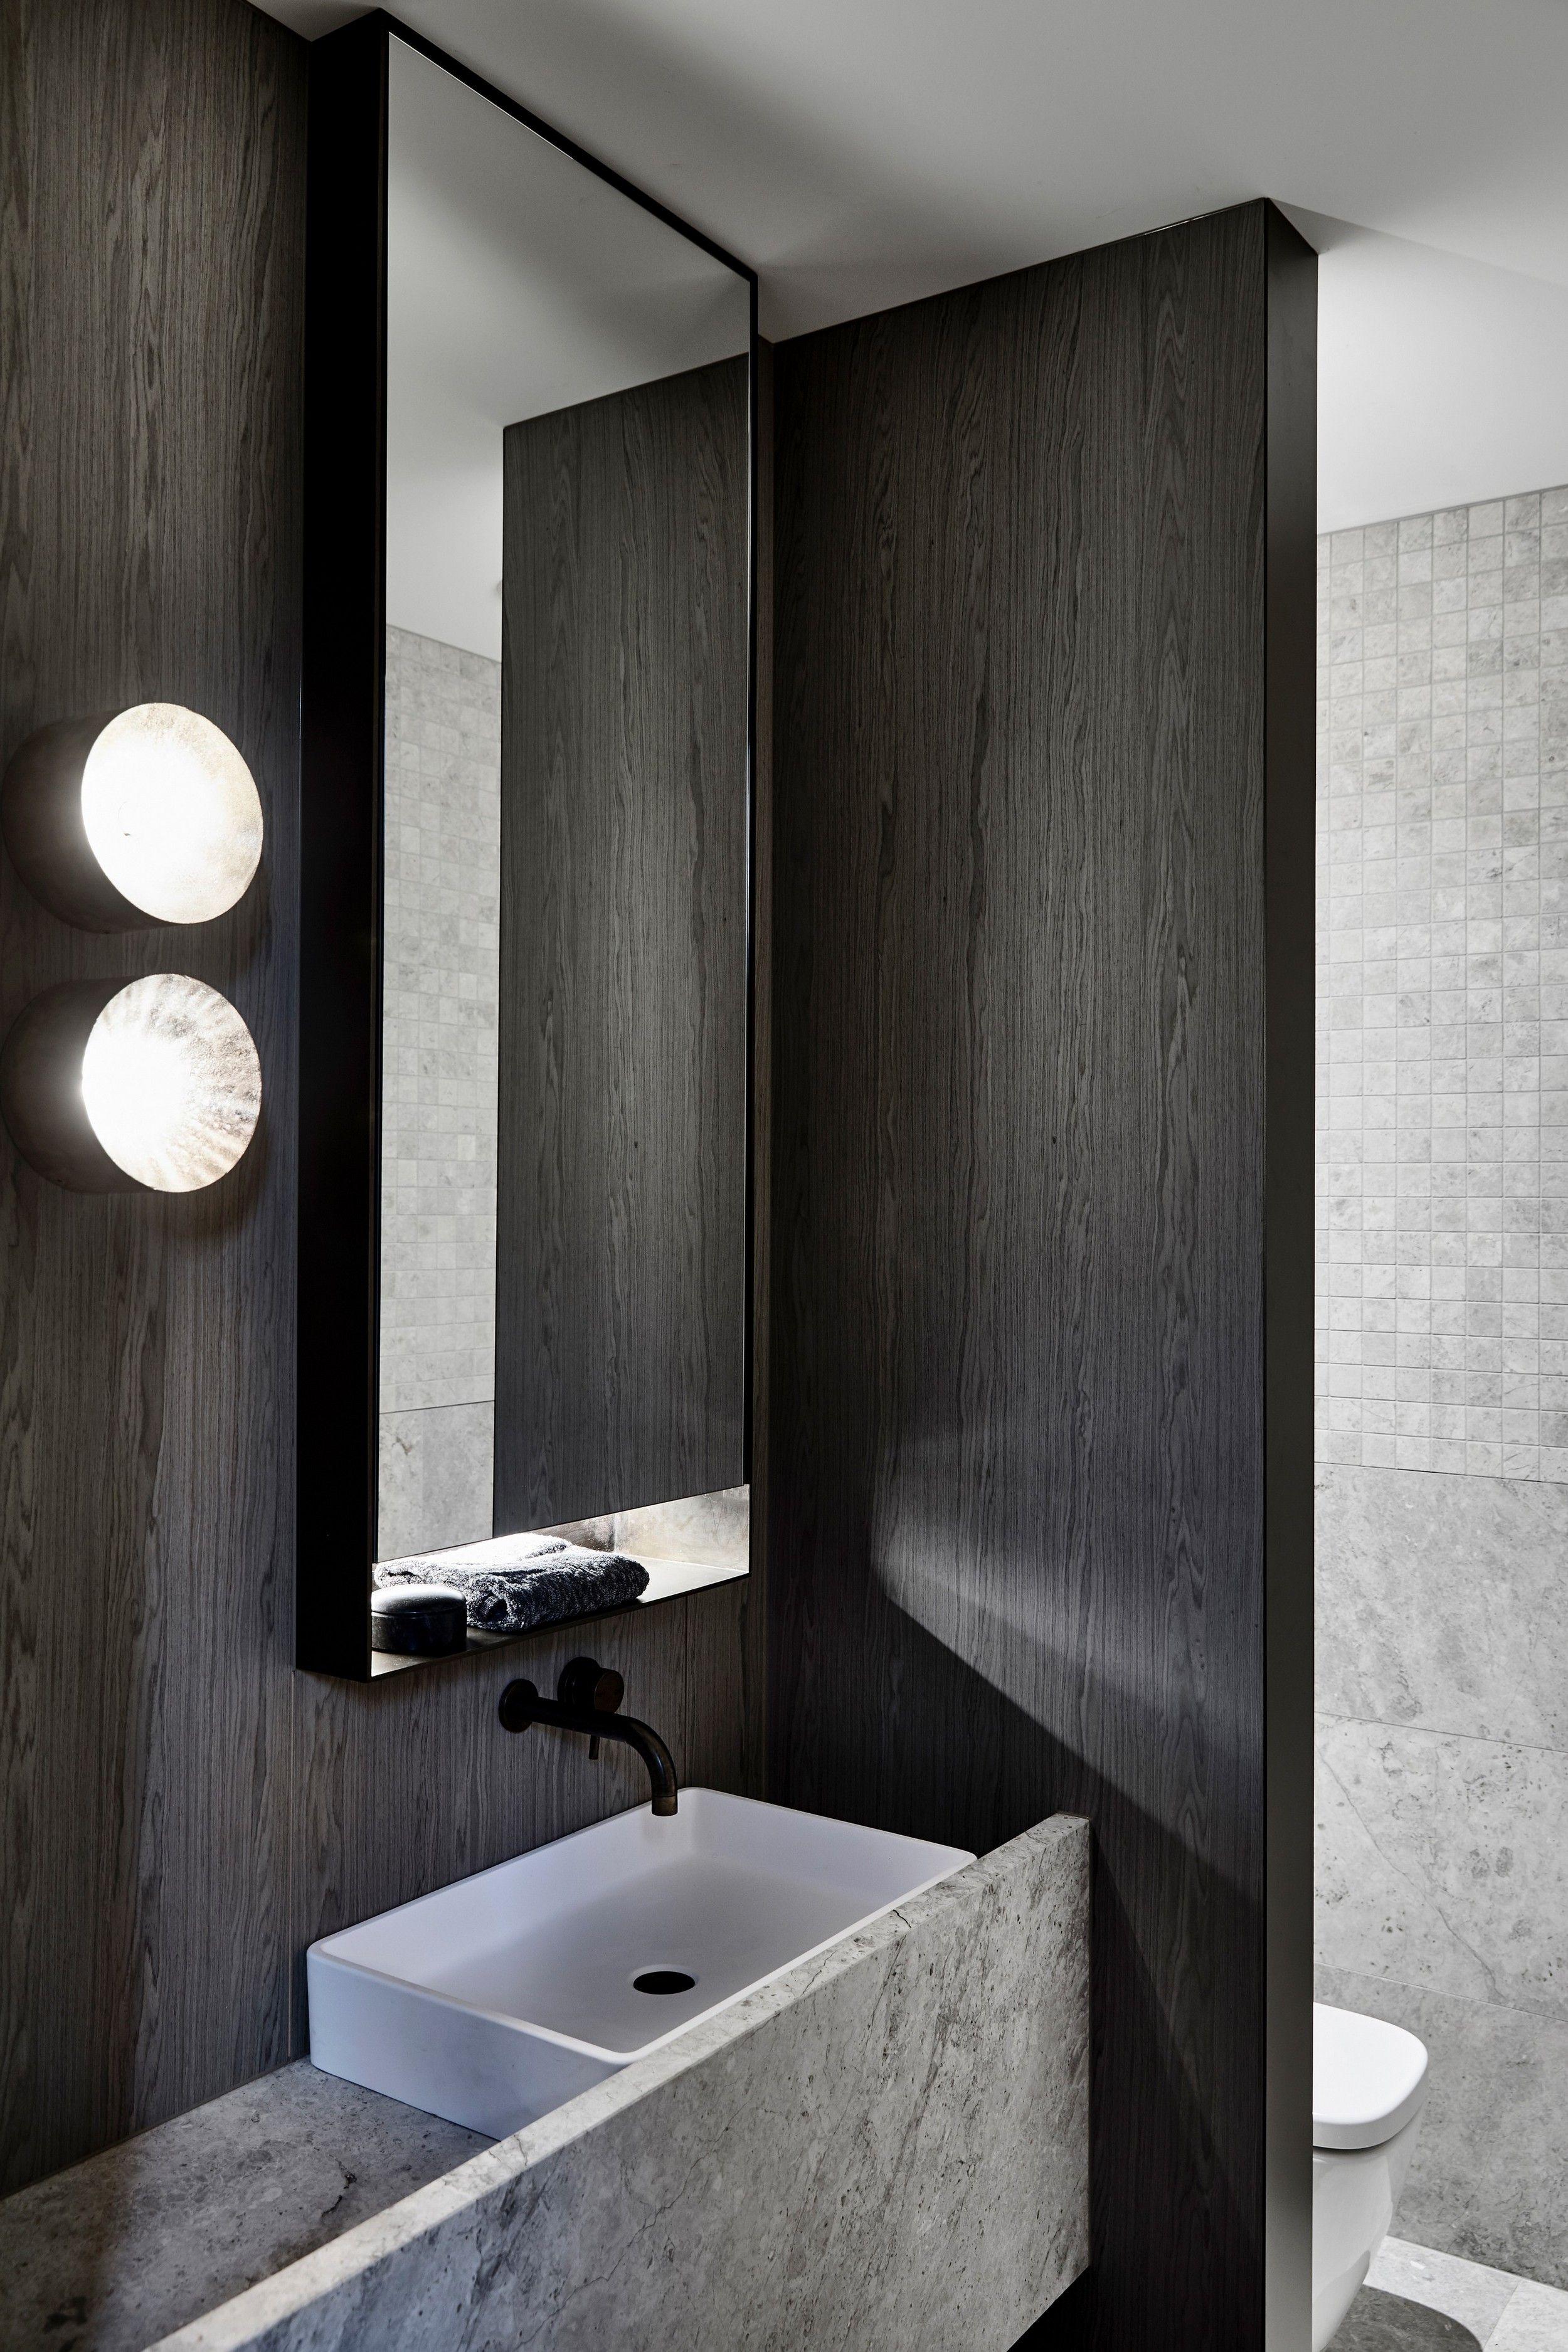 Huntingtower Contemporary bathroom designs, Bathroom